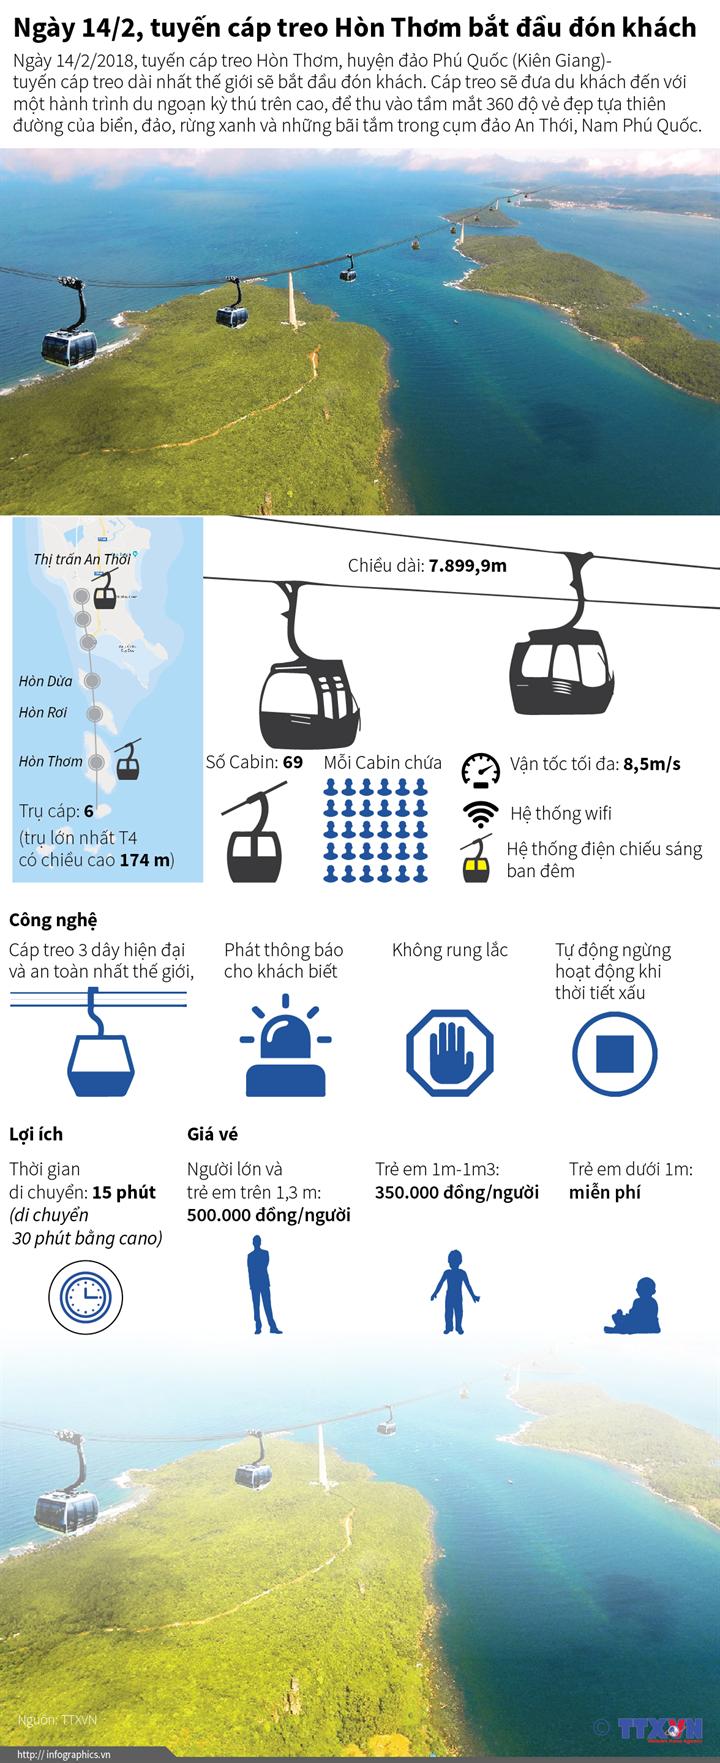 Ngày 14/2, tuyến cáp treo Hòn Thơm bắt đầu đón khách